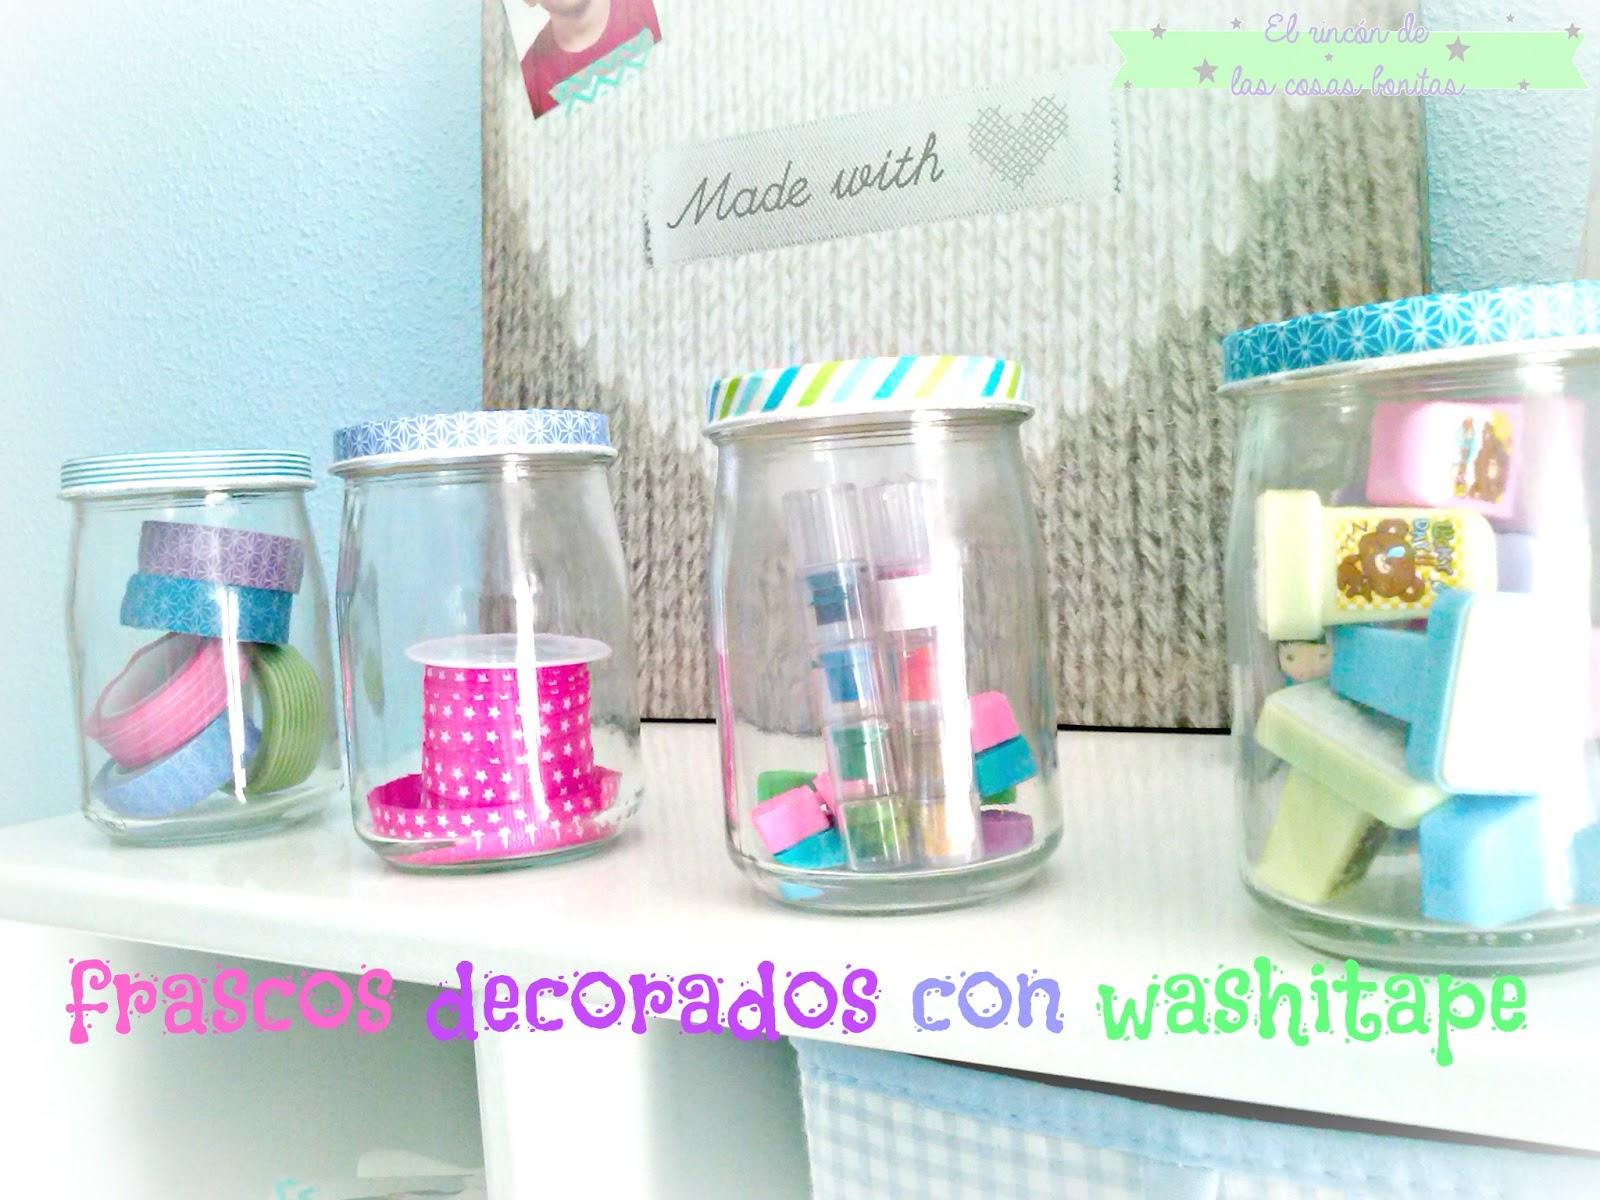 botes tarros cristal decorados washitape - Botes De Cristal Decorados